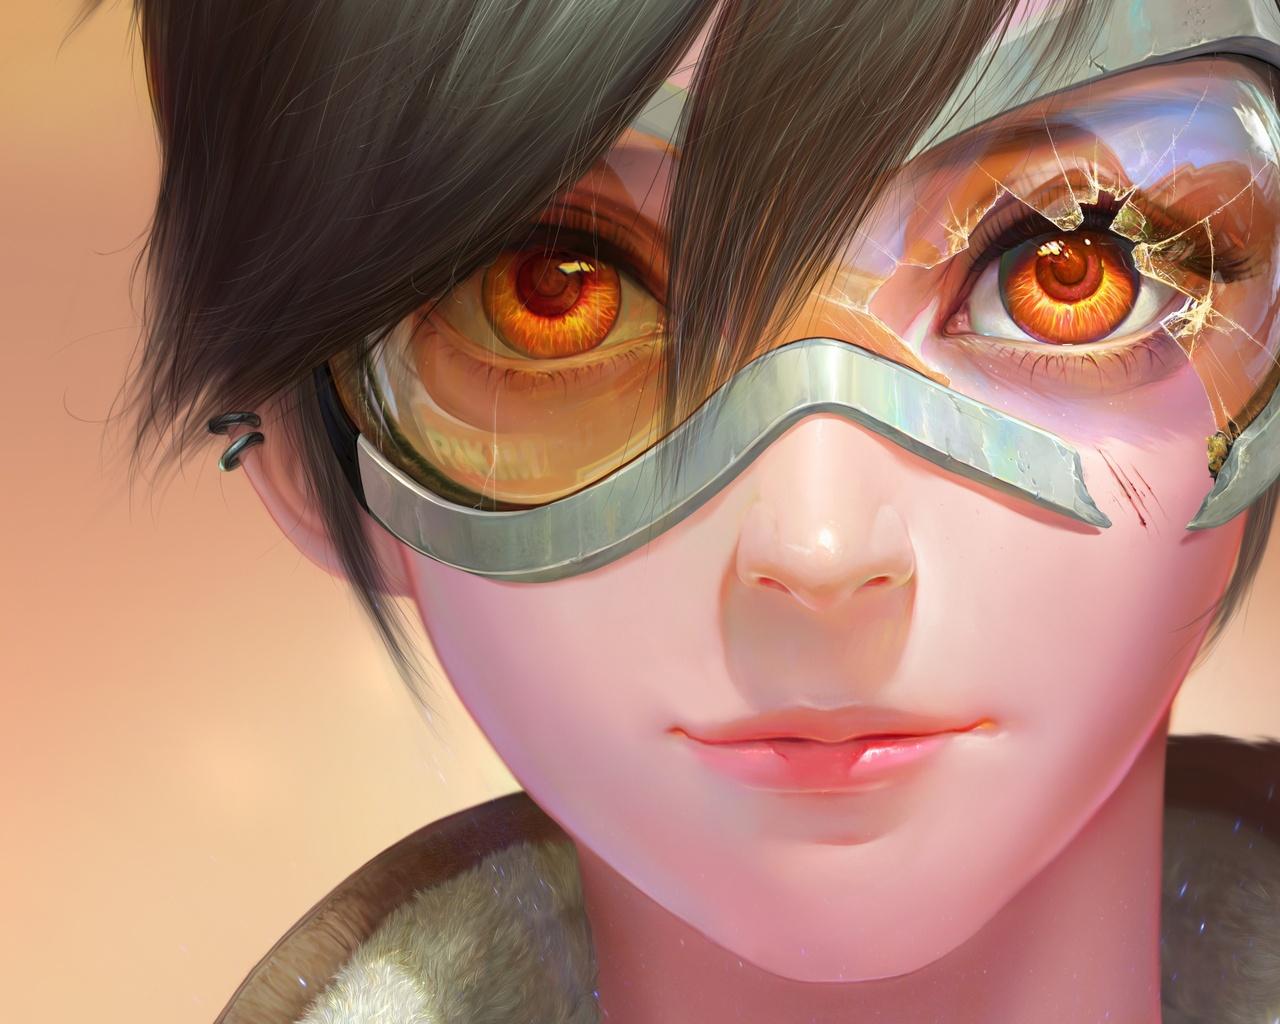 tracer-overwatch-fan-art-63.jpg